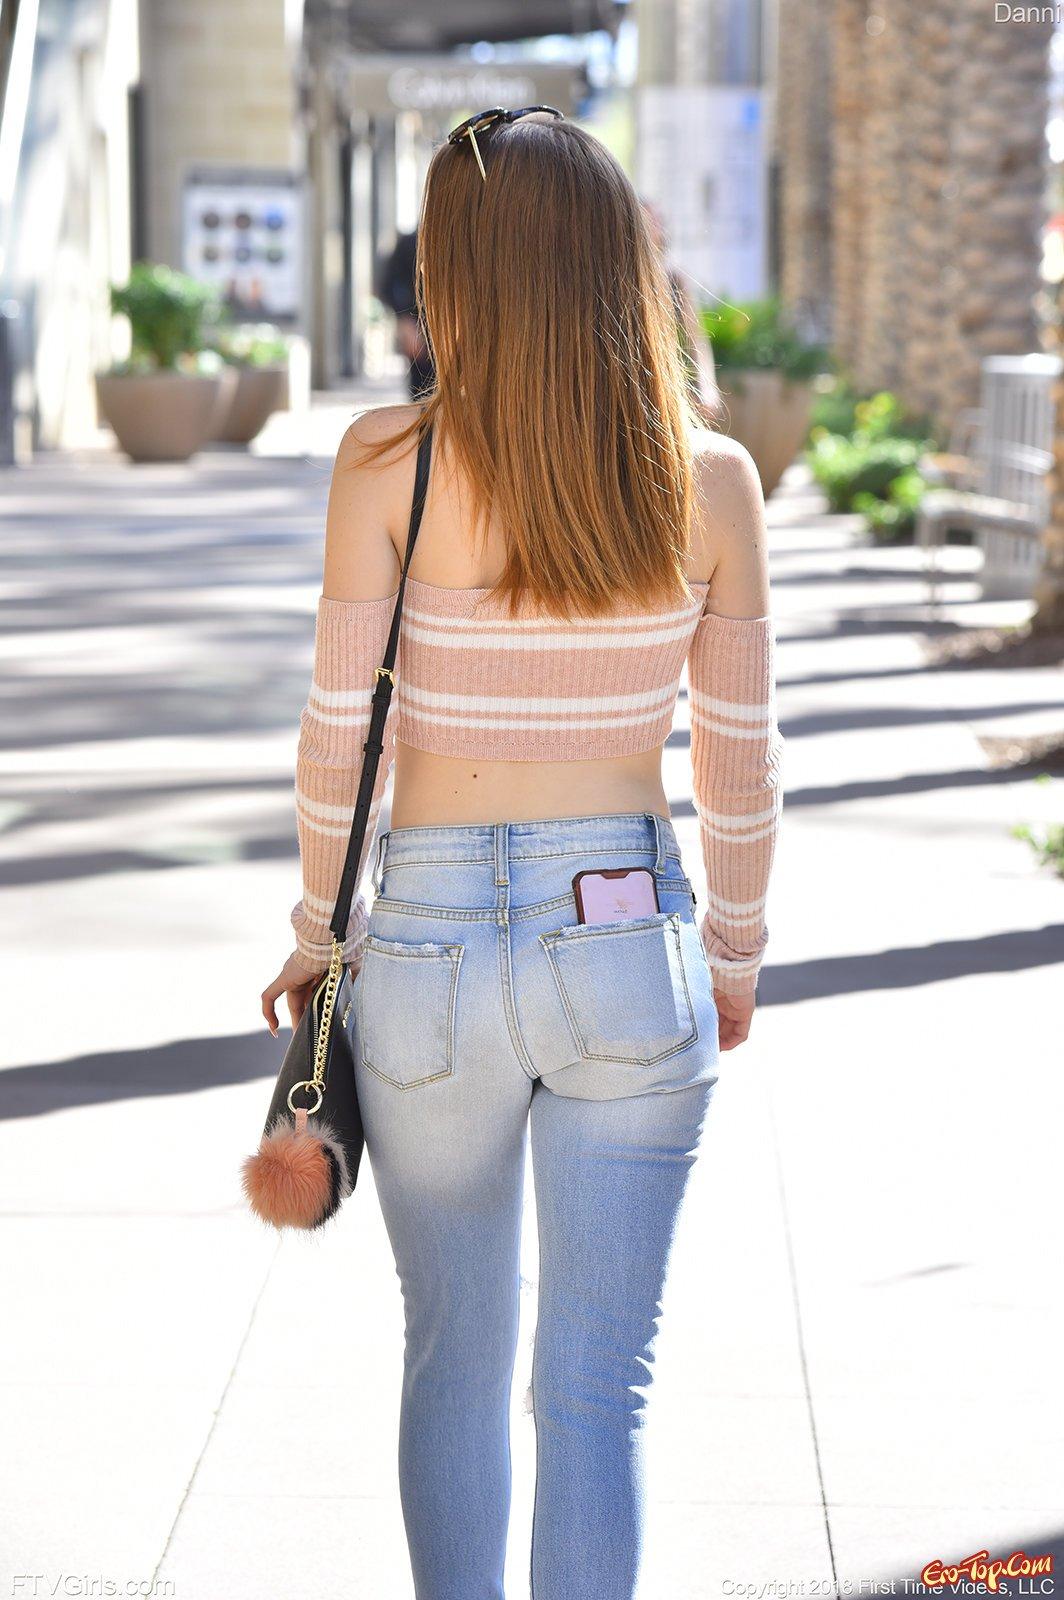 Девушка в рваных джинсах демонстрирует маленькие титьки